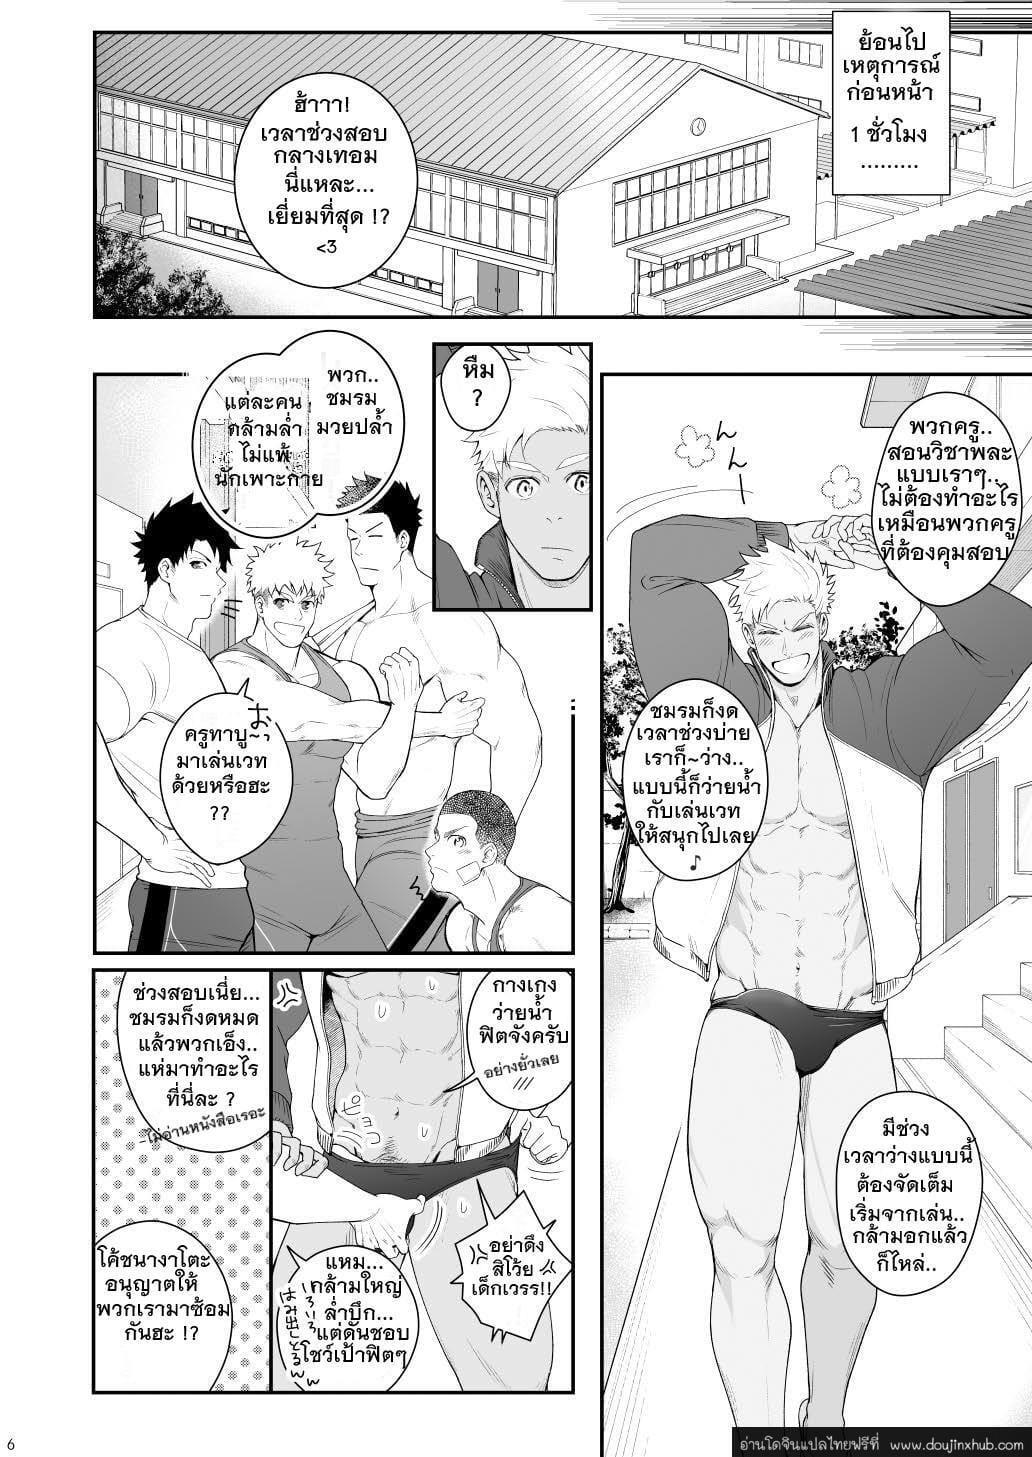 """รวมเรื่องสั้นของ """"ตูด"""" โดยอาจารย์ Meisho Hanten-5"""